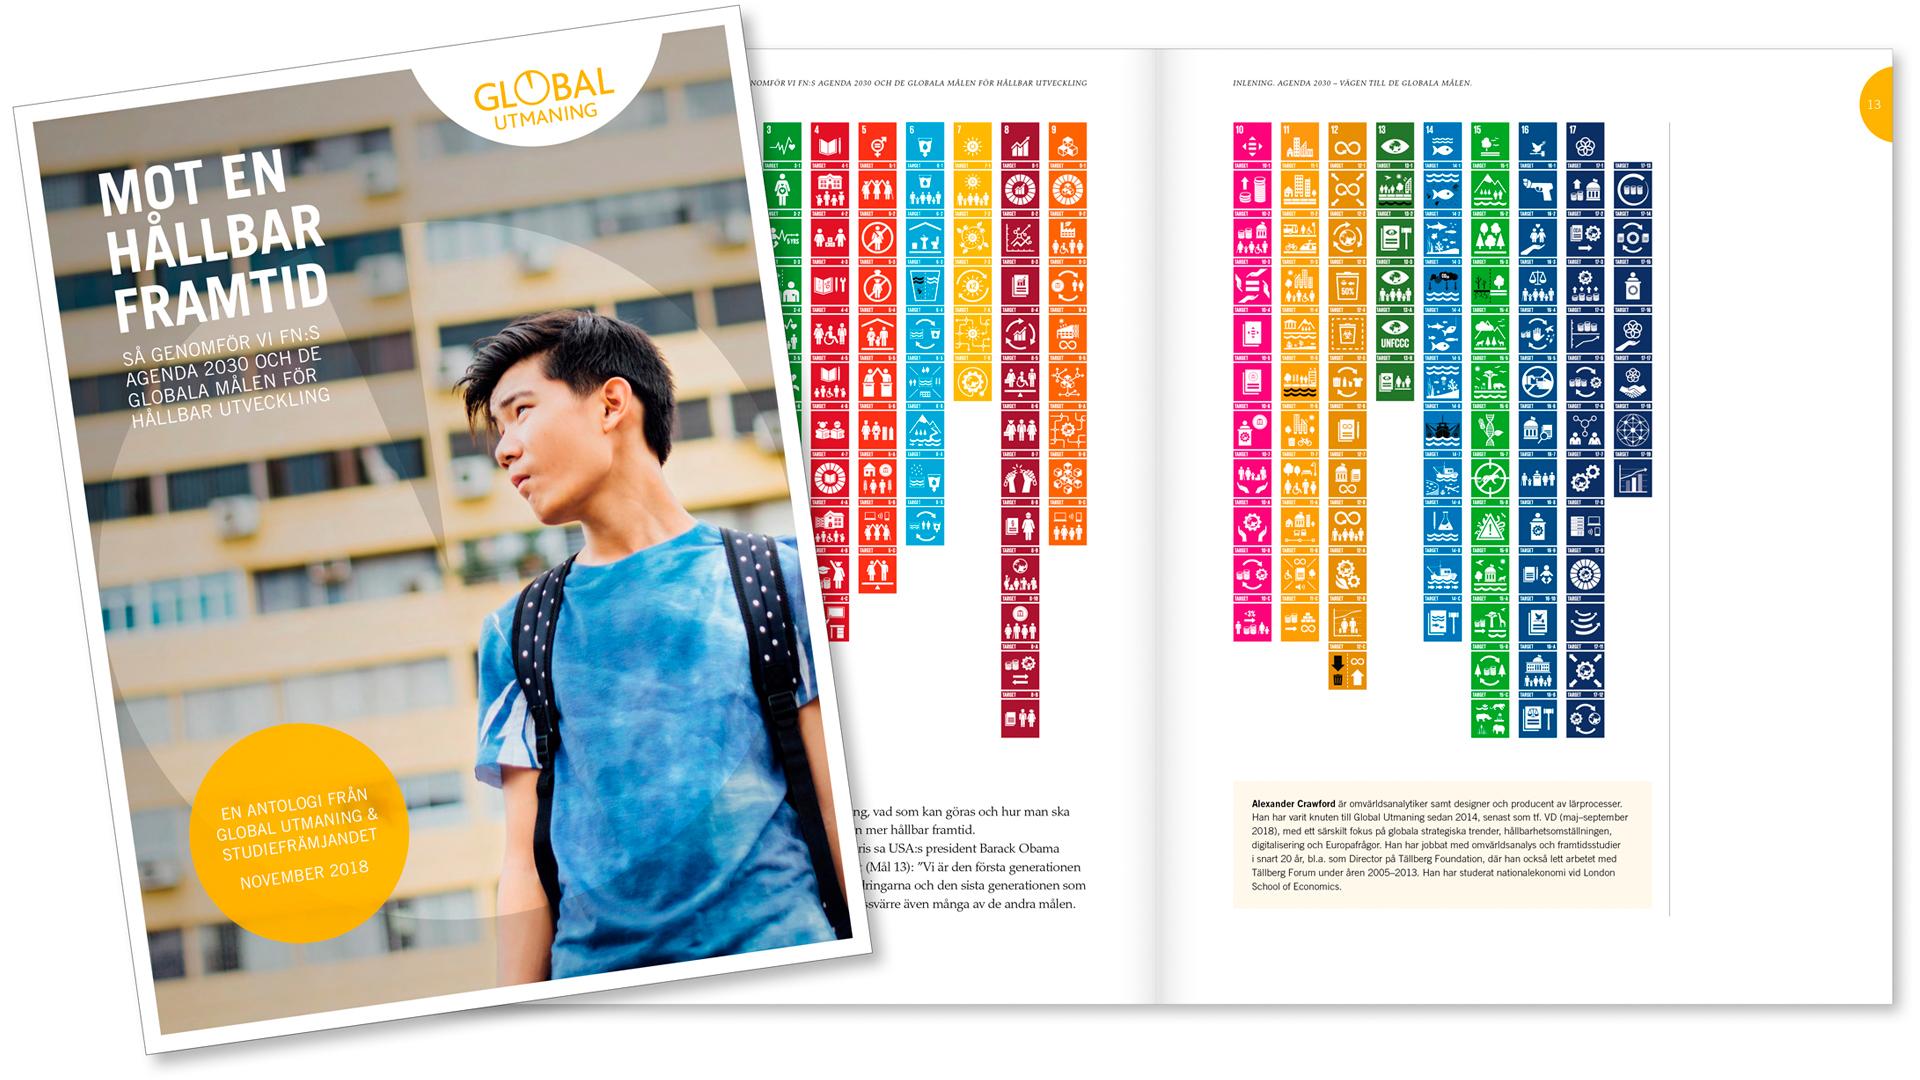 helena_berggren_grafisk_design_global_utmaning_1920x1080